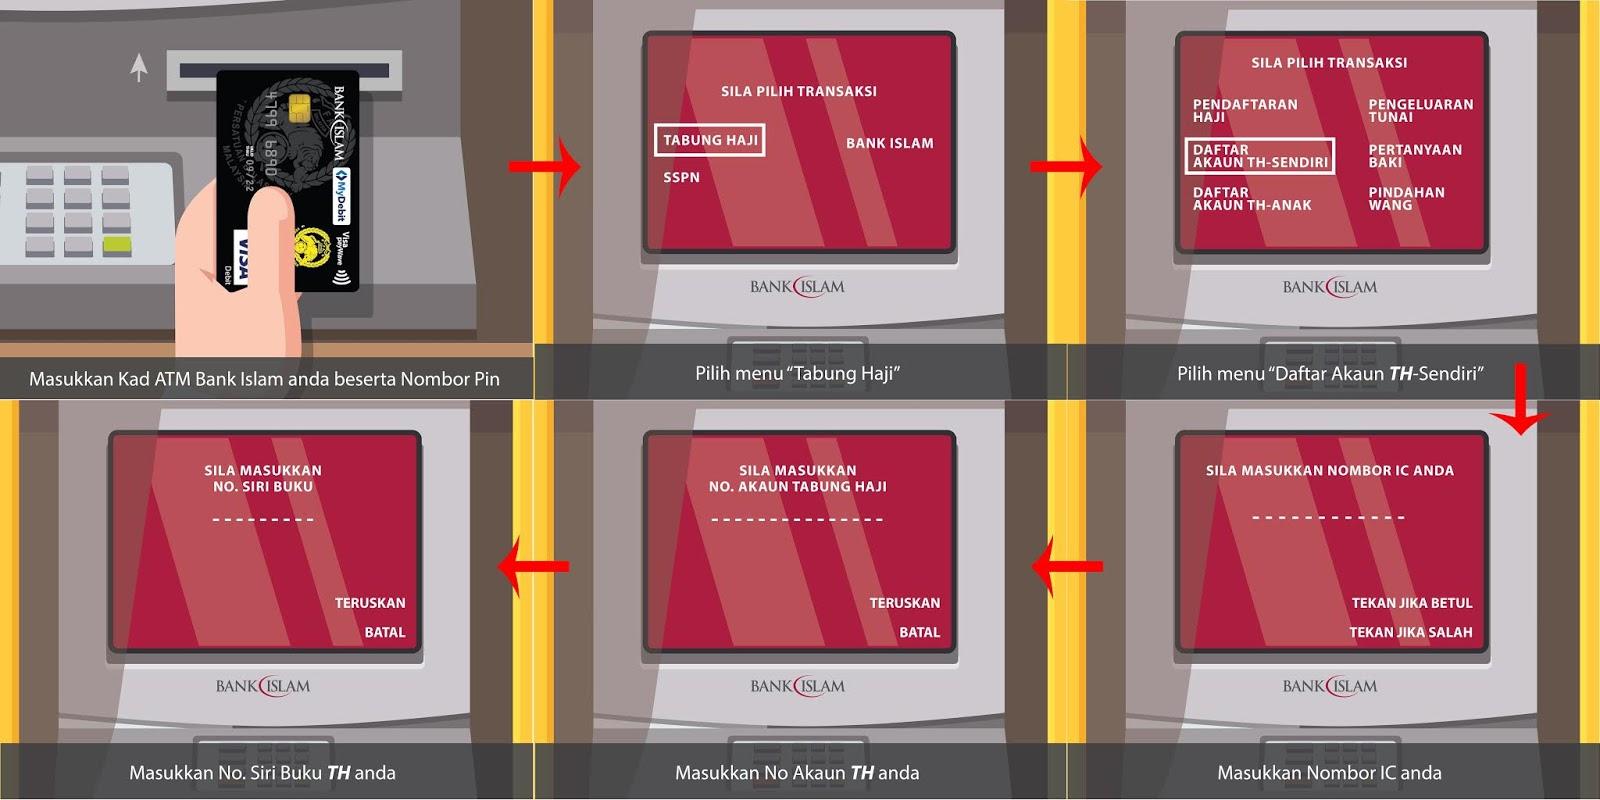 Cara Cara Untuk Link Kad Atm Bank Anda Ke Akaun Tabung Haji